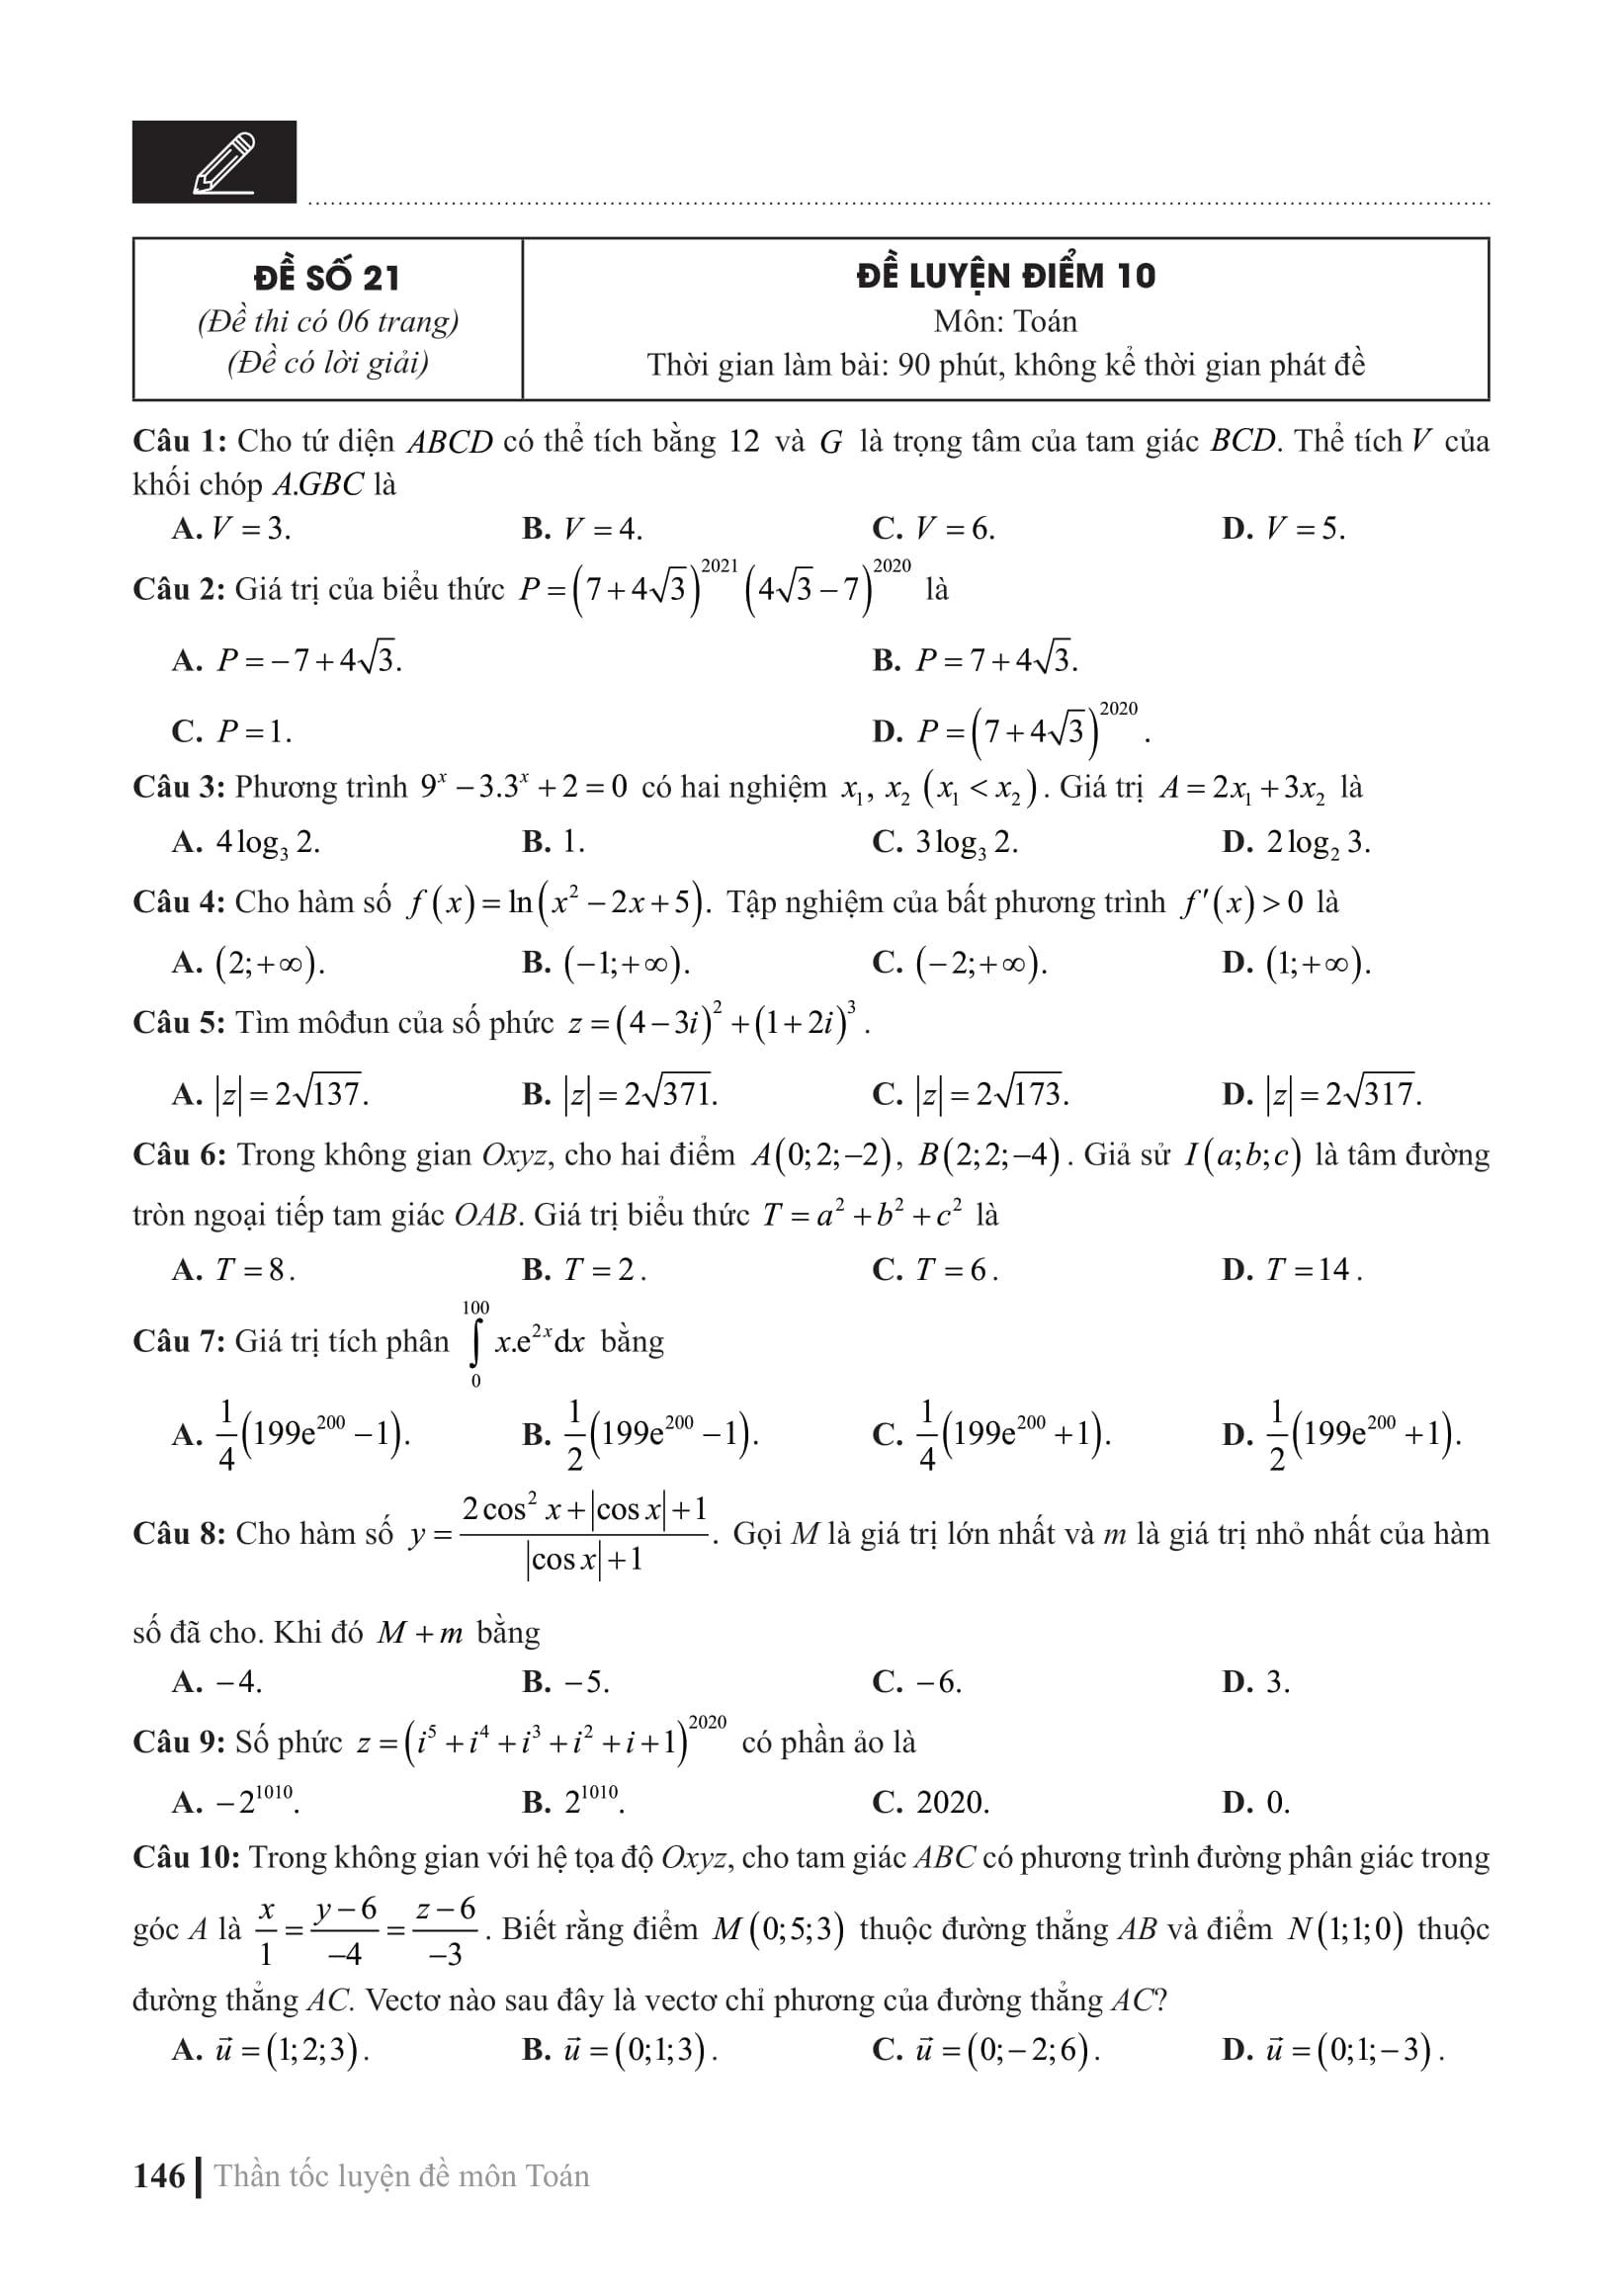 CC Thần tốc luyện đề 2021 môn Toán - Vật lý - Hóa học (3 cuốn)